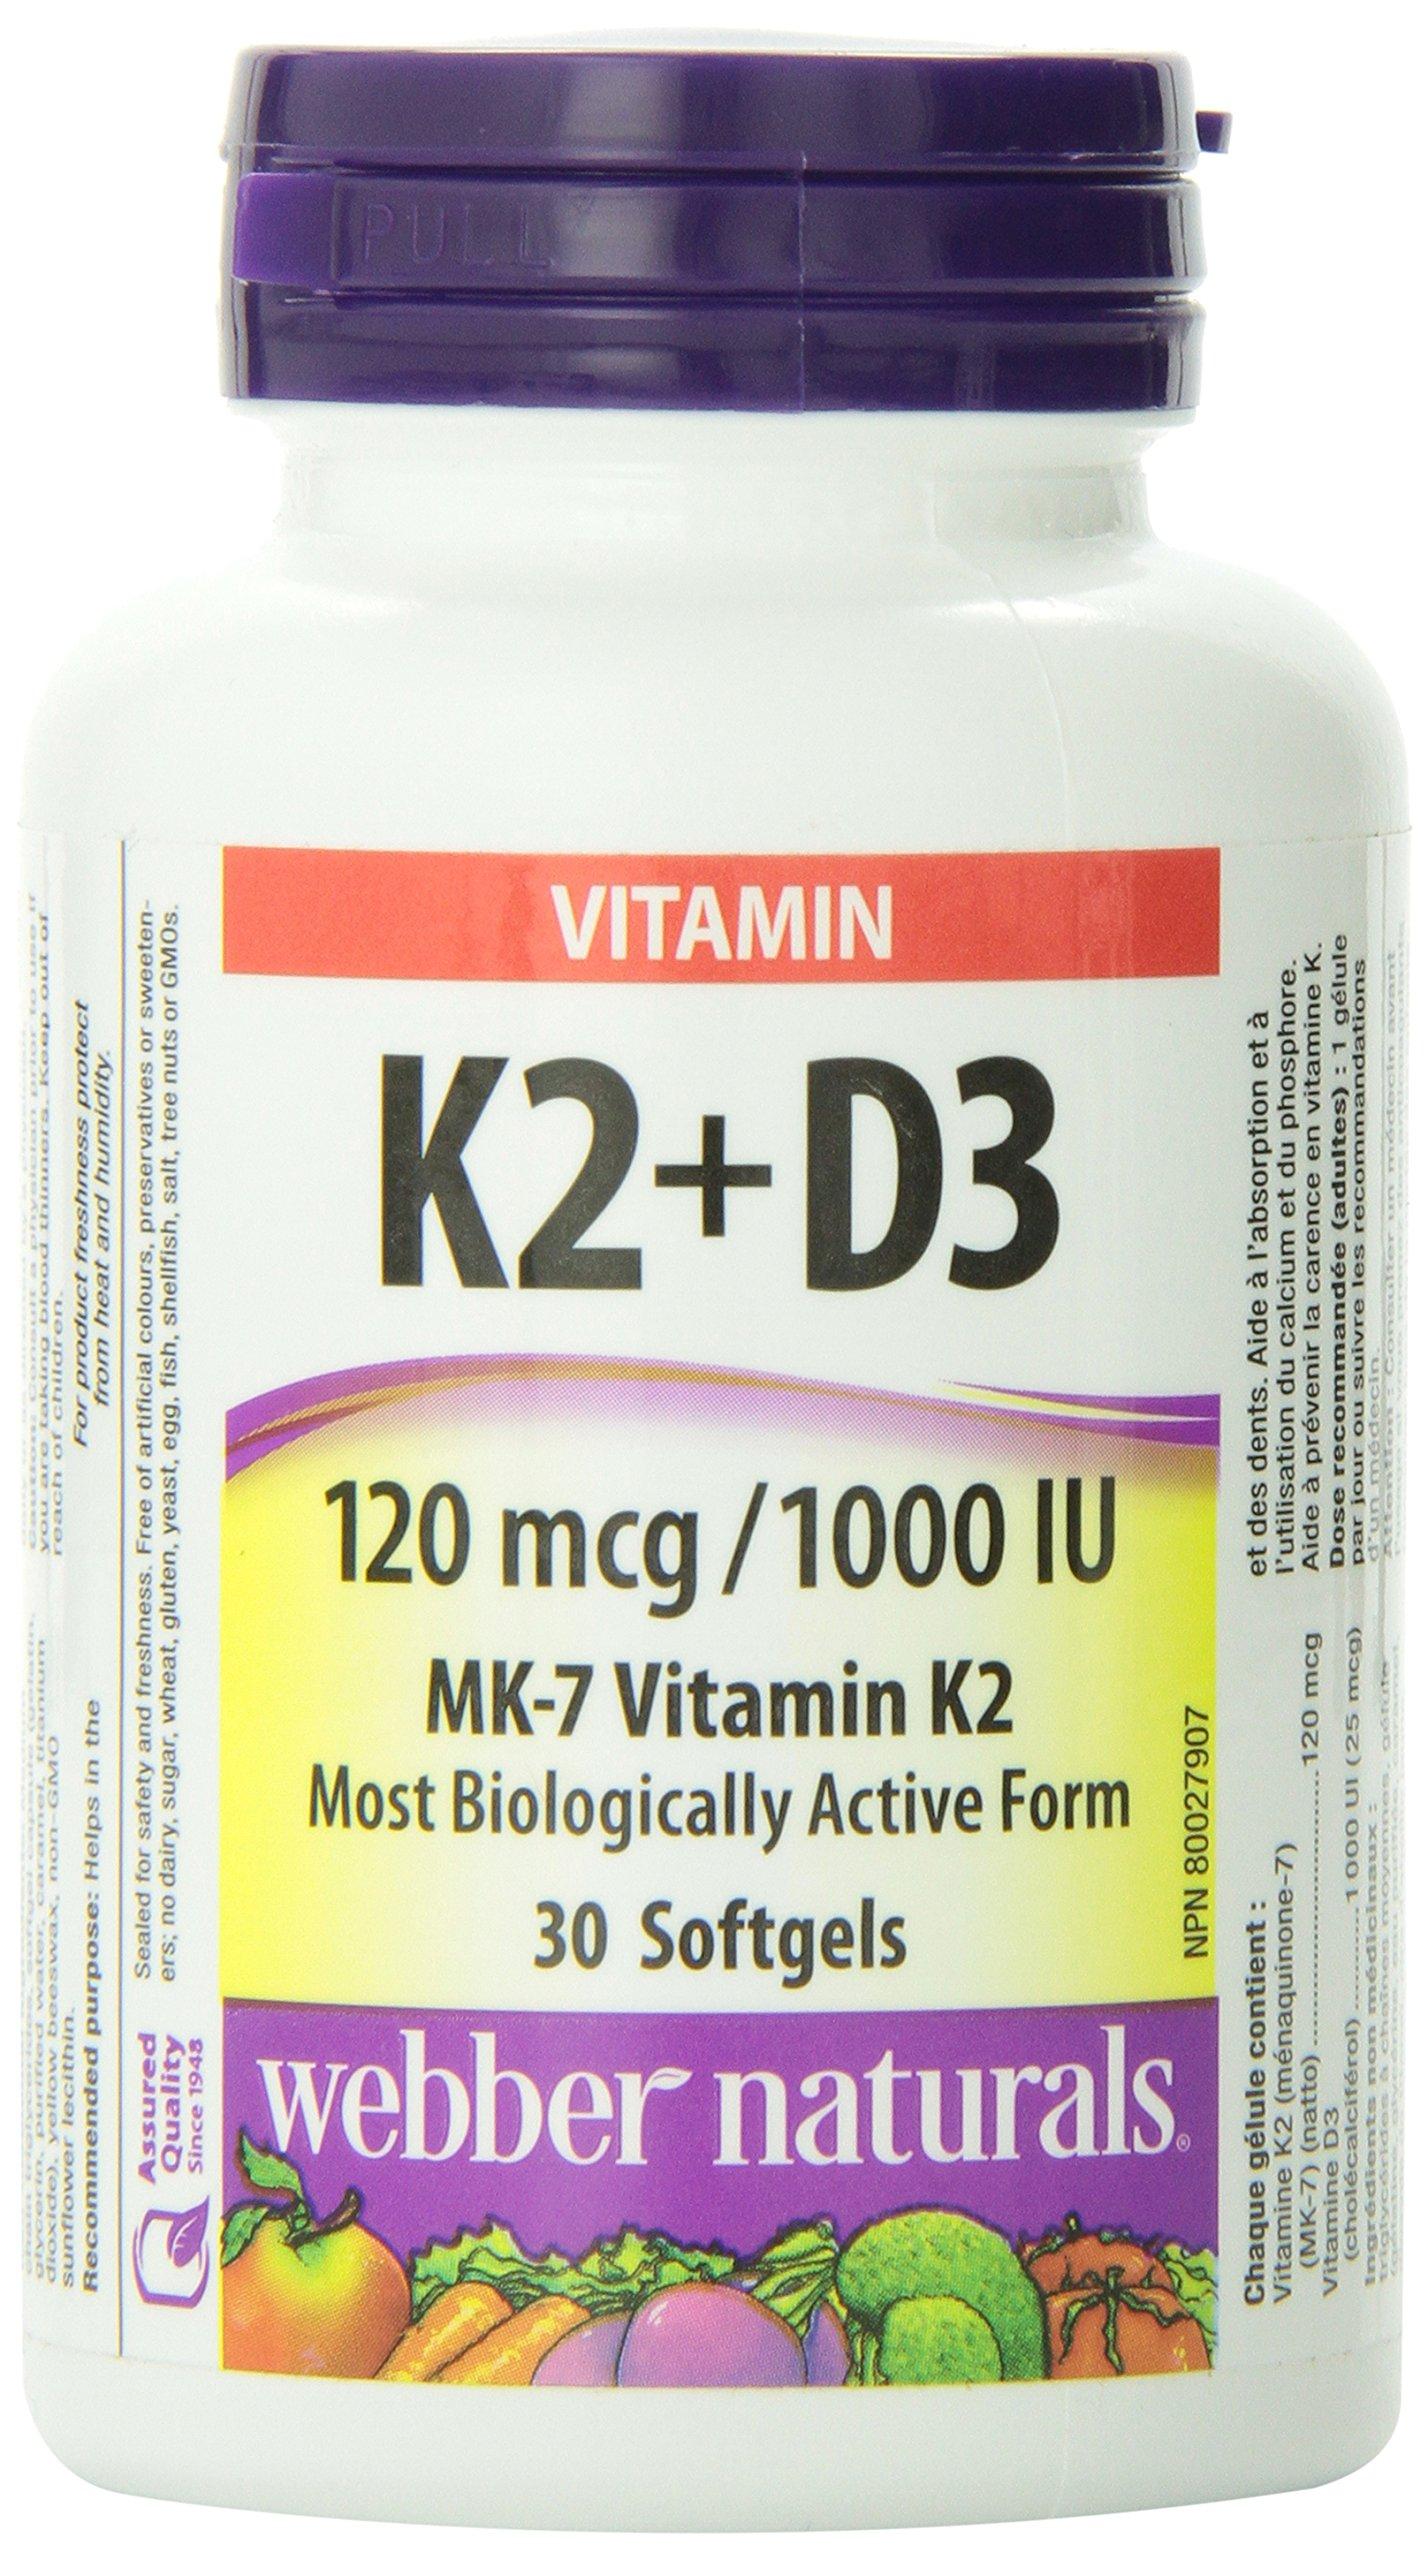 Webber Naturals Vitamin K2 + D3, 30 softgels